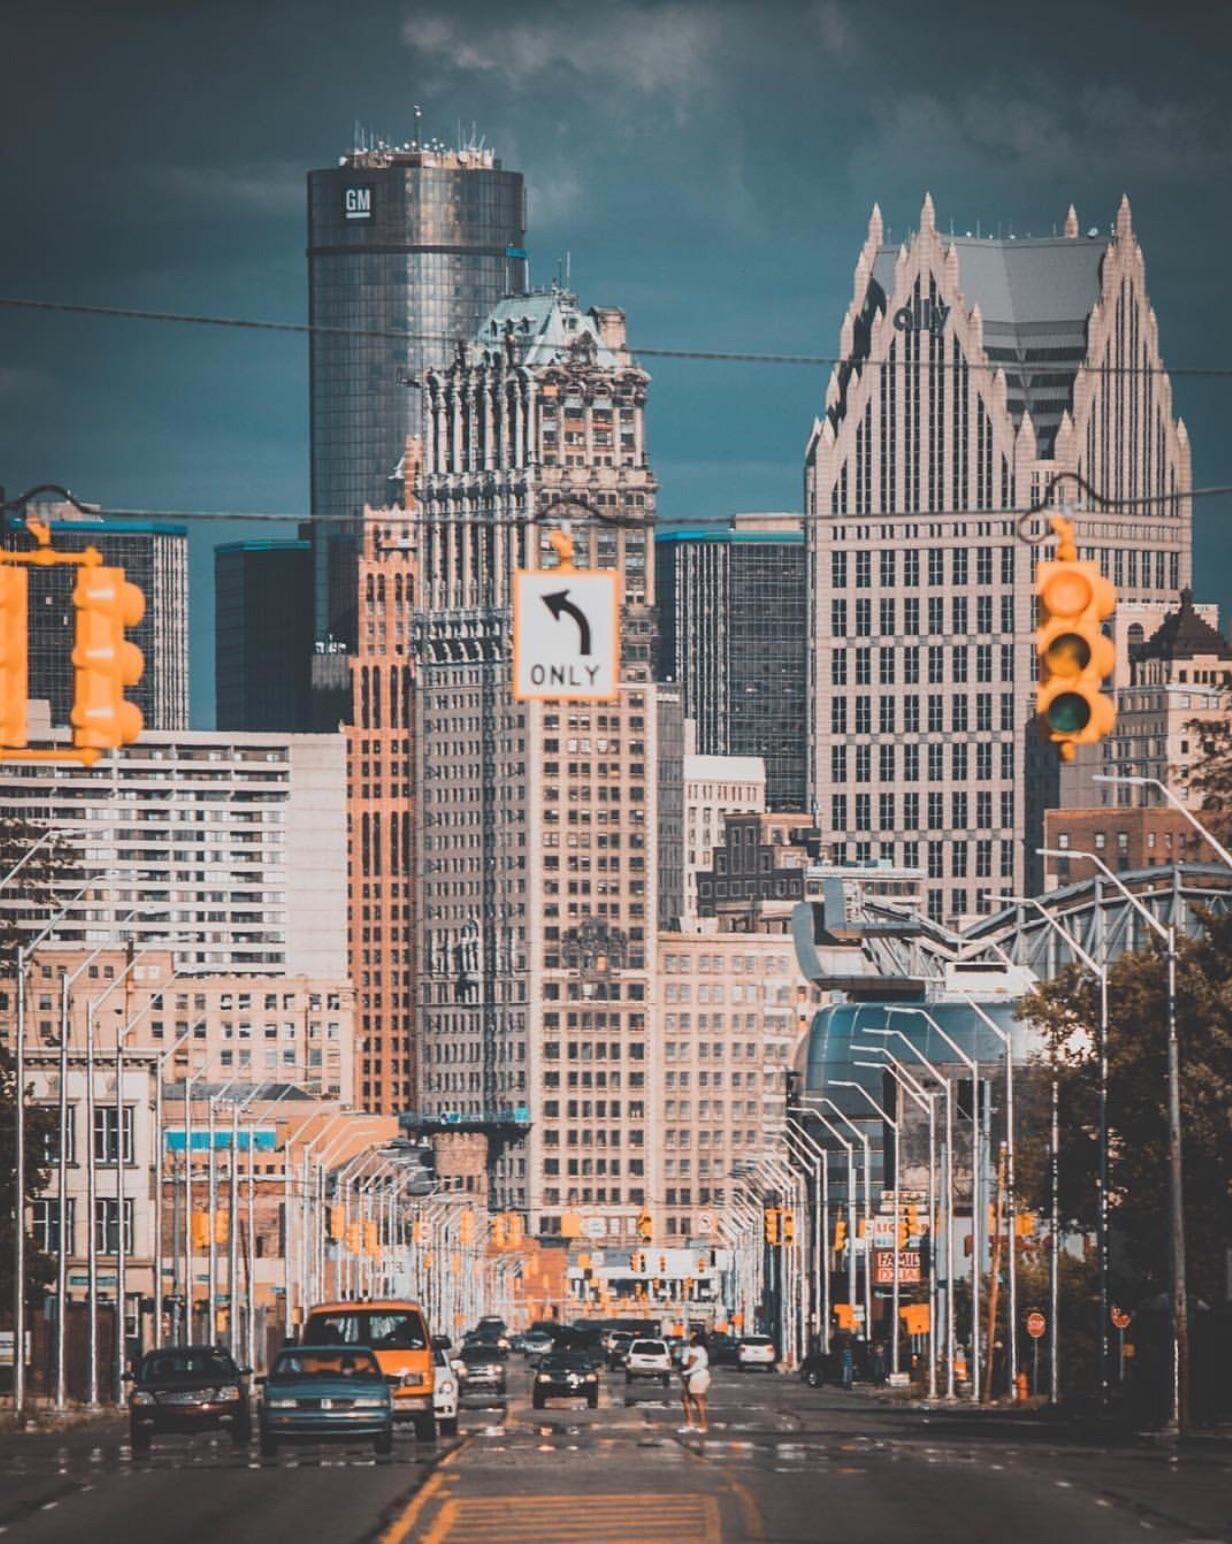 Detroit City 2038 Futuristic City Detroit Become Human Detroit City